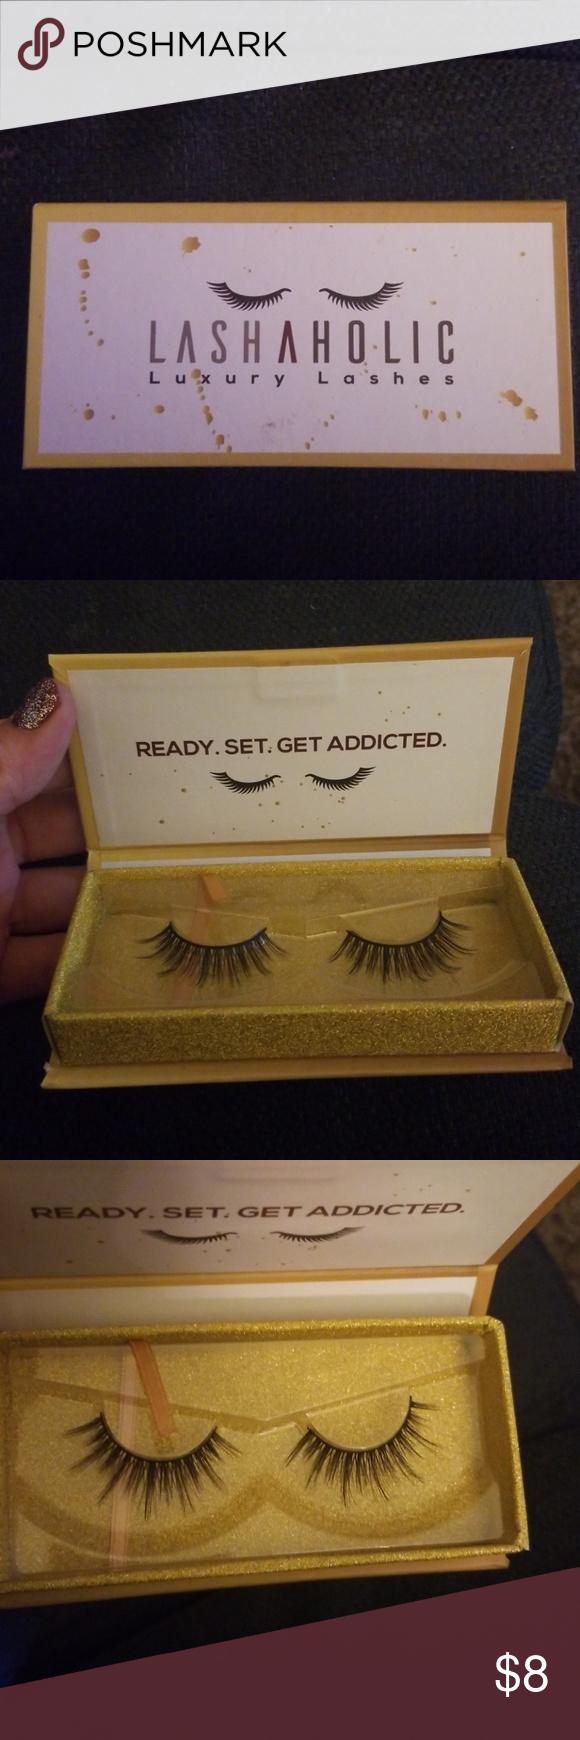 cf65a8848ee Lasholic lashes Brand new in box luxury lashes Makeup False Eyelashes